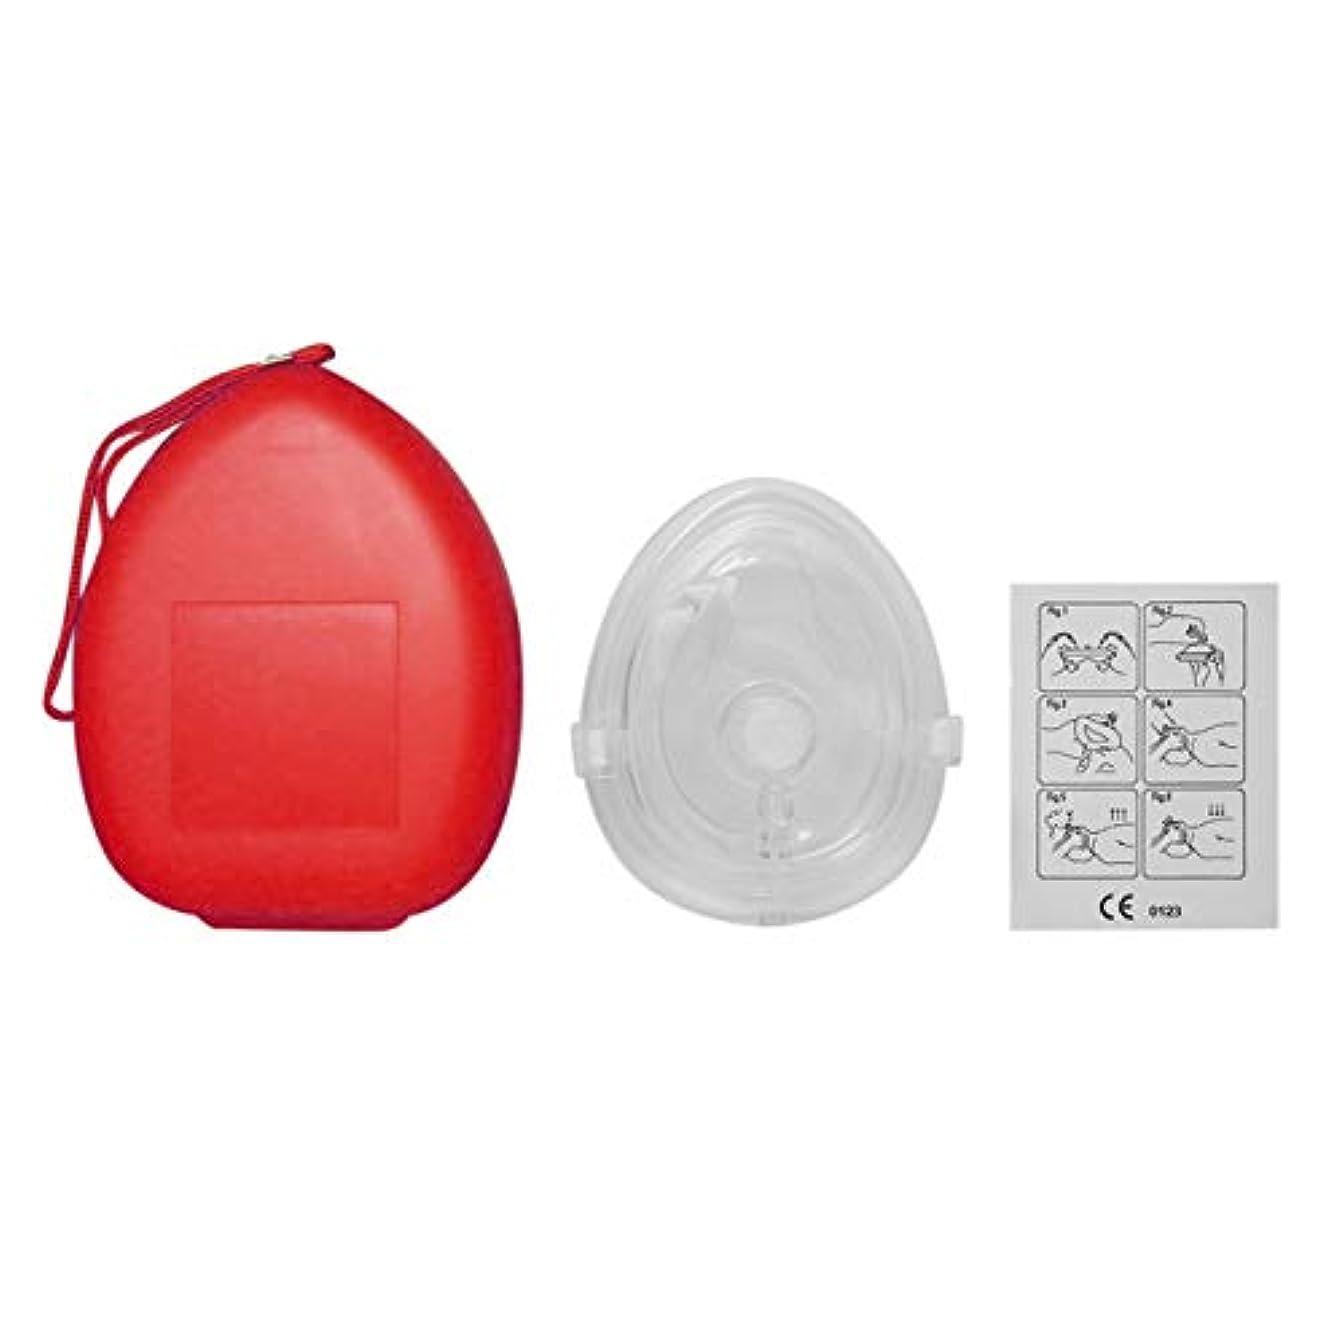 ガイド麦芽論争的友美 プロのcpr顔保護マスク付き一方向弁救急救助者トレーニング教育キット呼吸マスク医療ツール